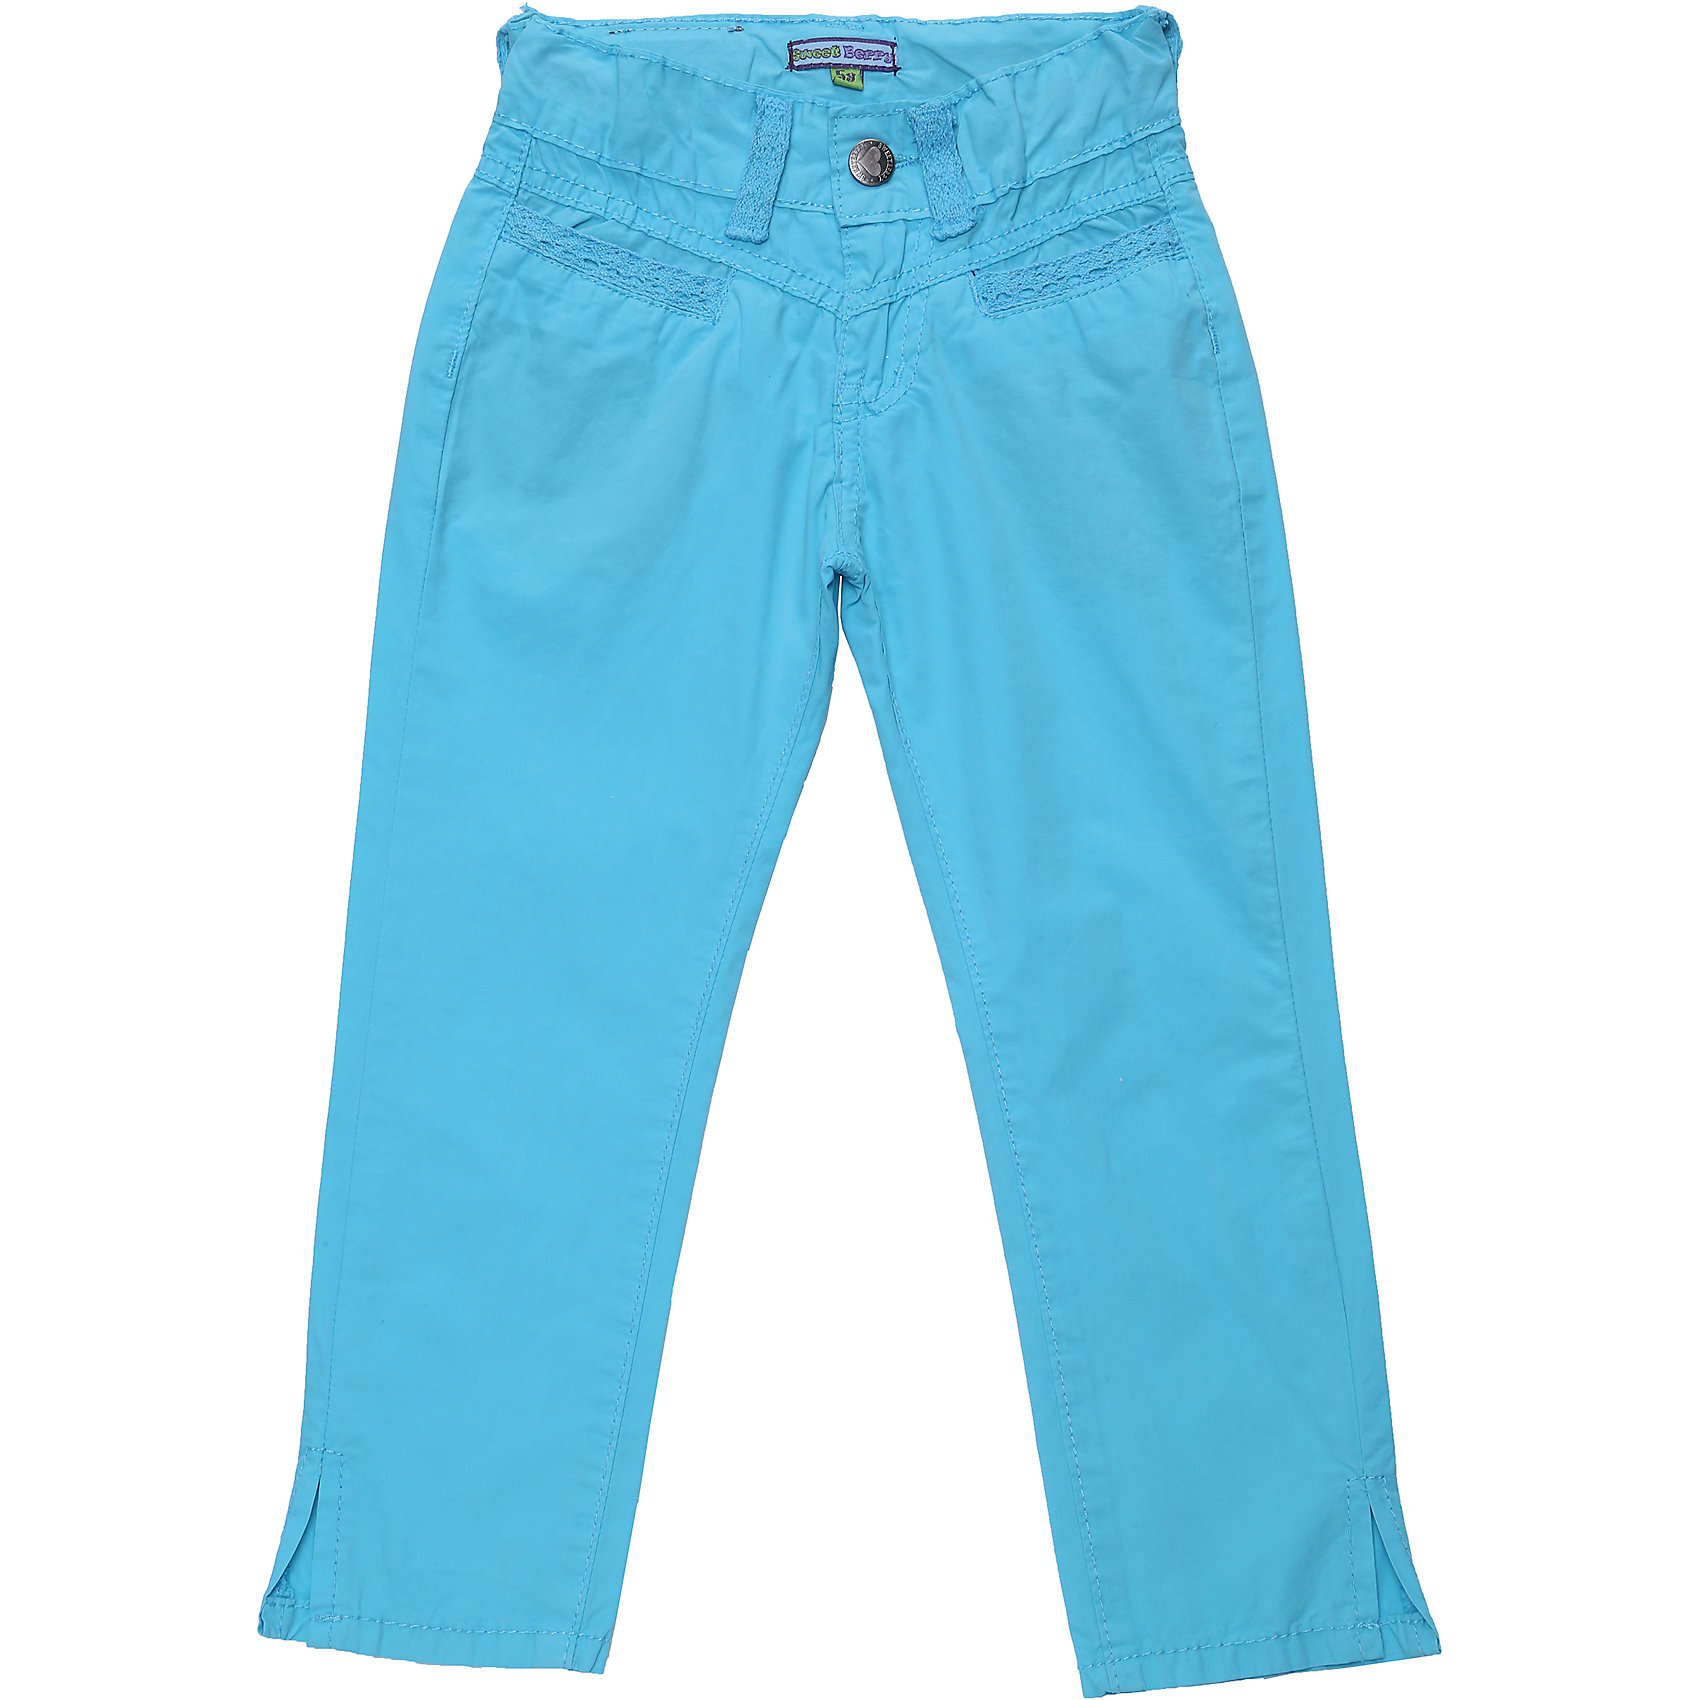 Брюки для девочки Sweet BerryБрюки<br>Текстильные летние брюки. Декорированы ажурной тесьмой. Снизу небольшие разрезы. Пояс регулируется внутренней резинкой.<br>Состав:<br>100% хлопок<br><br>Ширина мм: 215<br>Глубина мм: 88<br>Высота мм: 191<br>Вес г: 336<br>Цвет: голубой<br>Возраст от месяцев: 36<br>Возраст до месяцев: 48<br>Пол: Женский<br>Возраст: Детский<br>Размер: 104,110,116,98,128,122<br>SKU: 4019363